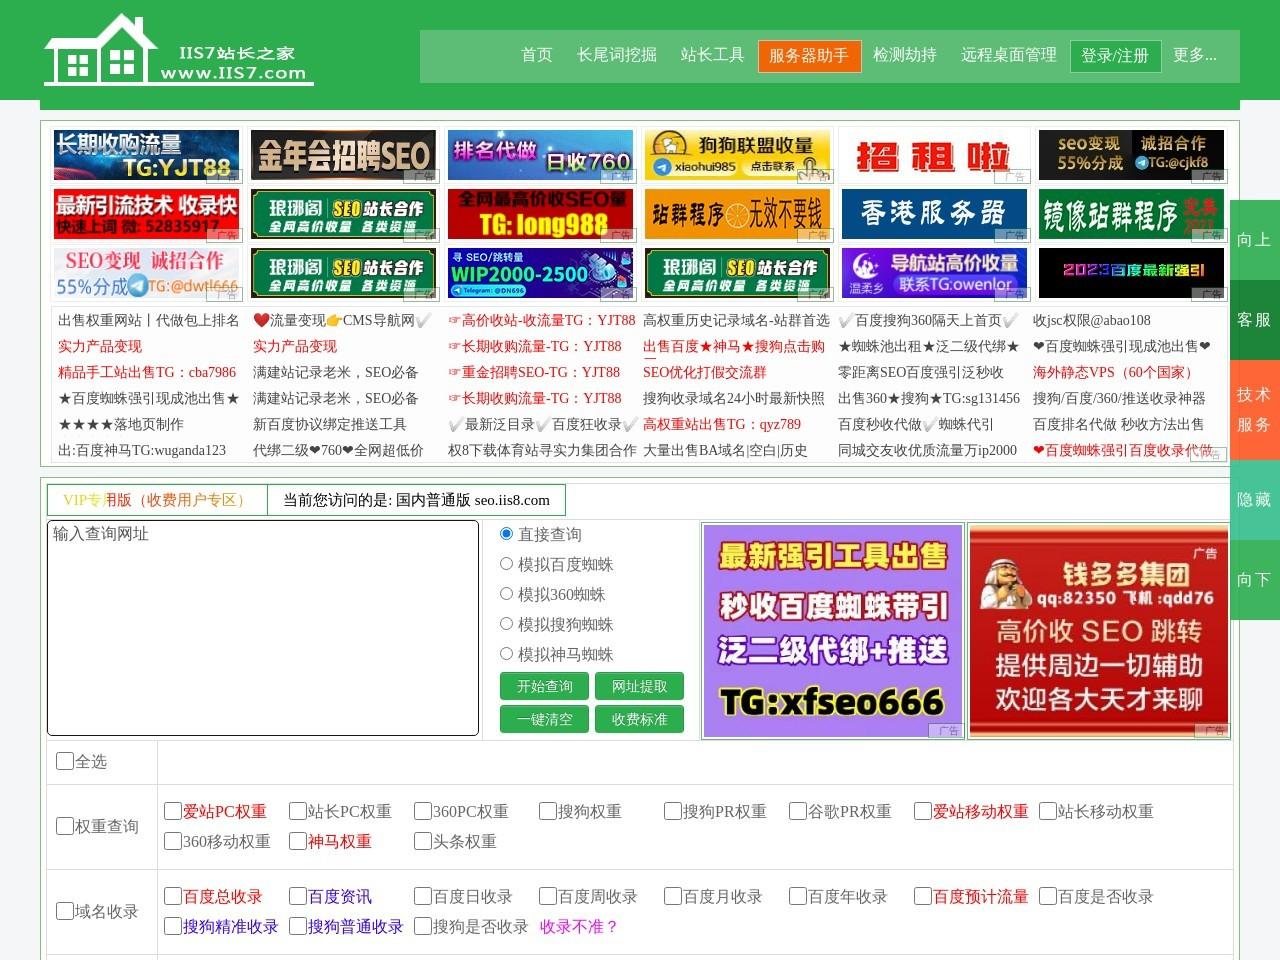 360日收录批量查询_IIS7站长工具 - 网站批量查询工具【IIS7站长之家】